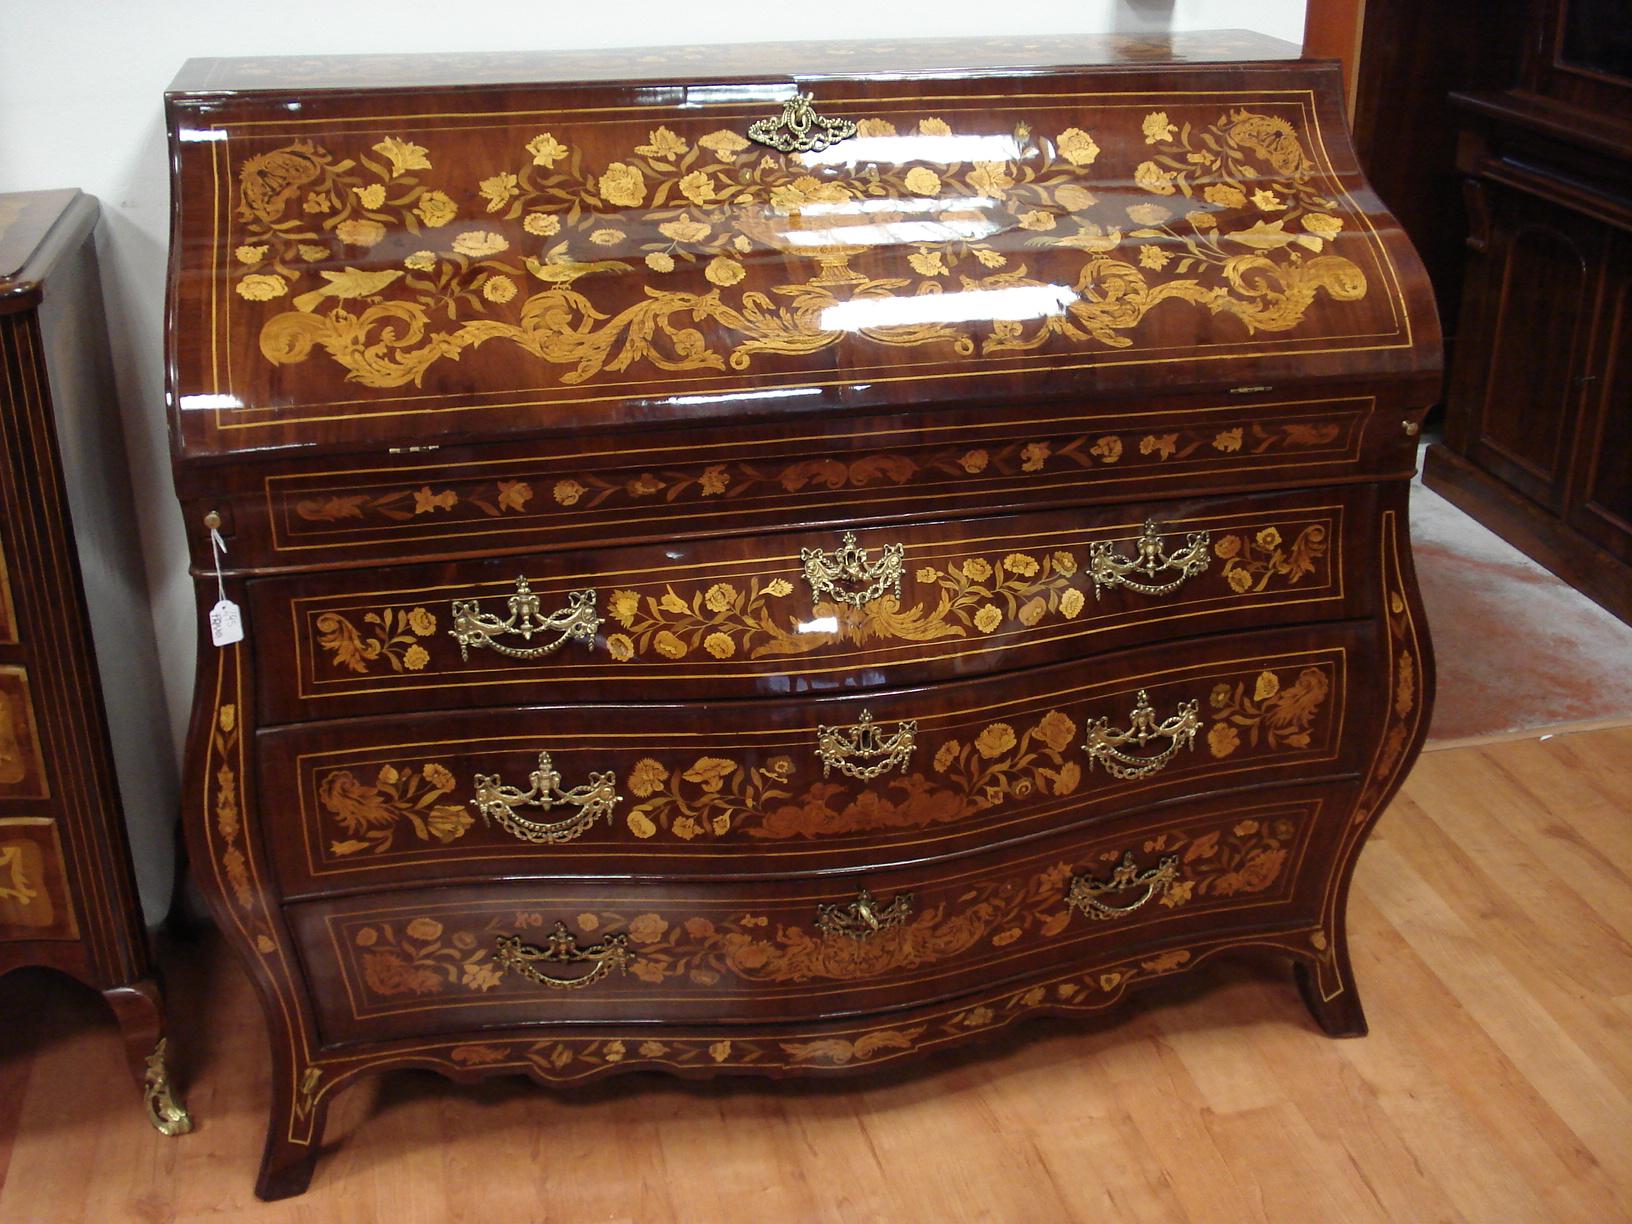 Montaggio mobili antichi Milano da 50€ - Tel 338.7752489